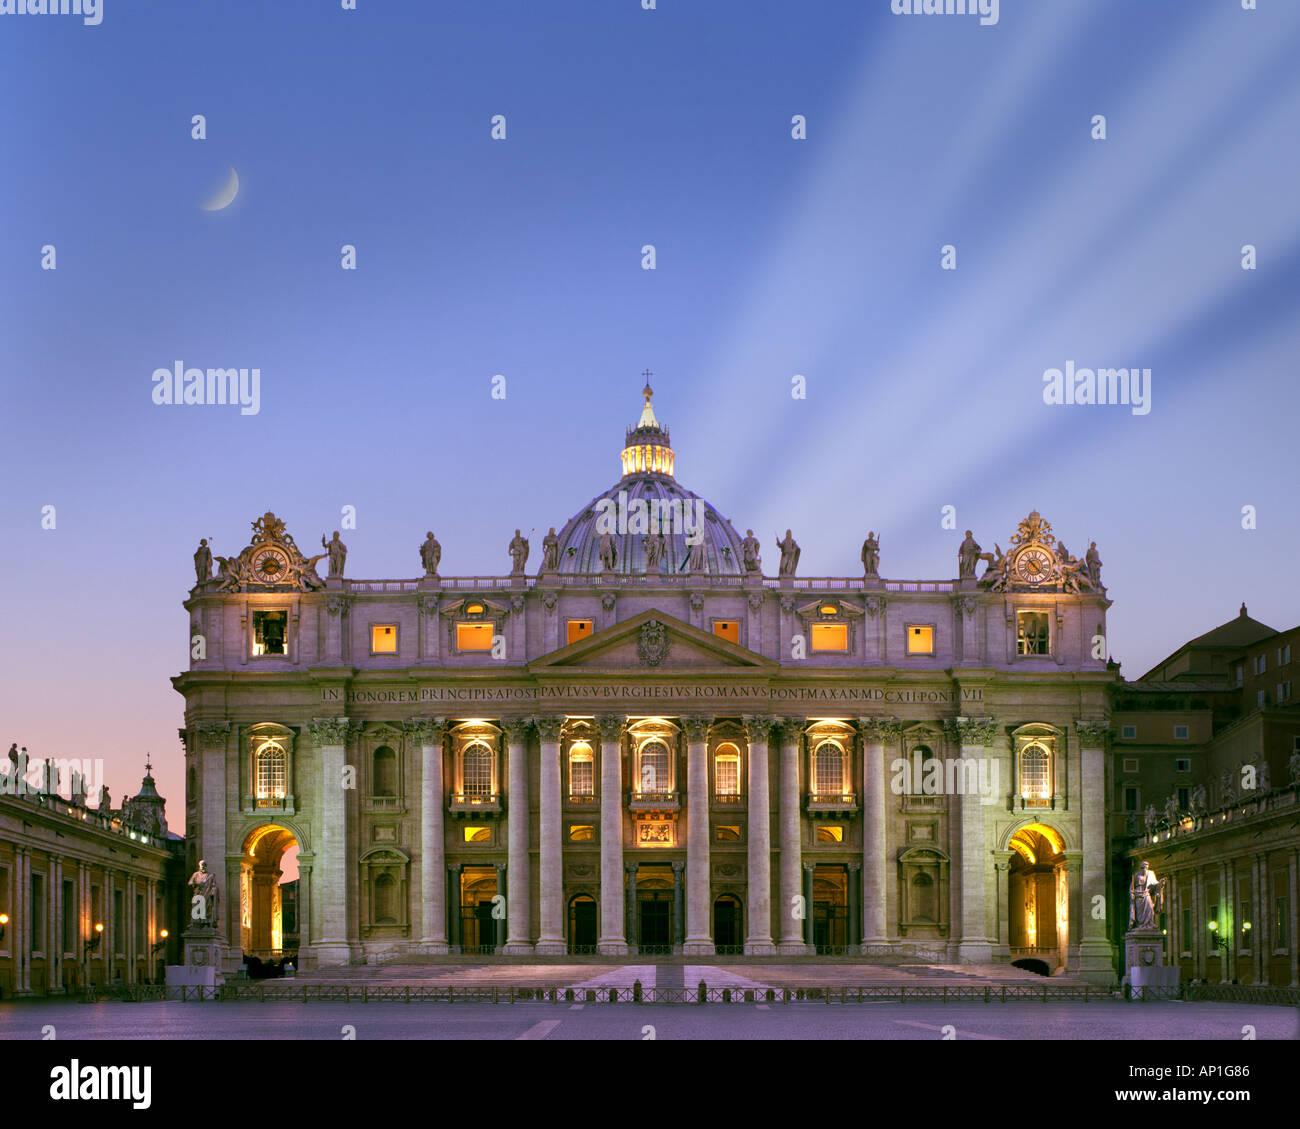 It - Roma: la basilica di san pietro di notte Immagini Stock